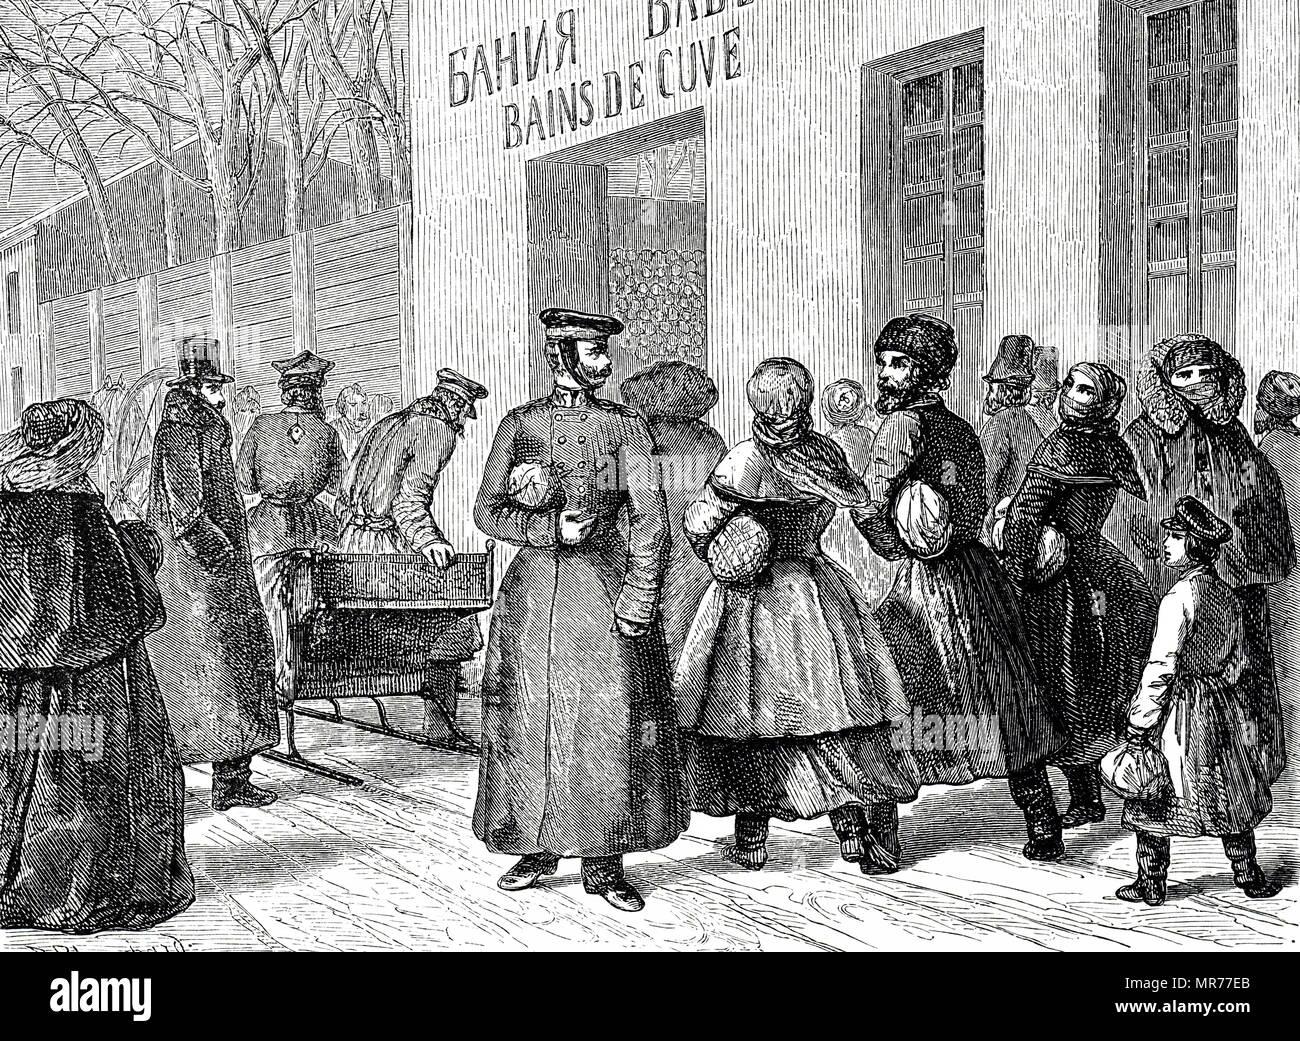 Grabado representando un sábado por la tarde fuera de los baños públicos de San Petersburgo. Fecha del siglo XIX Imagen De Stock